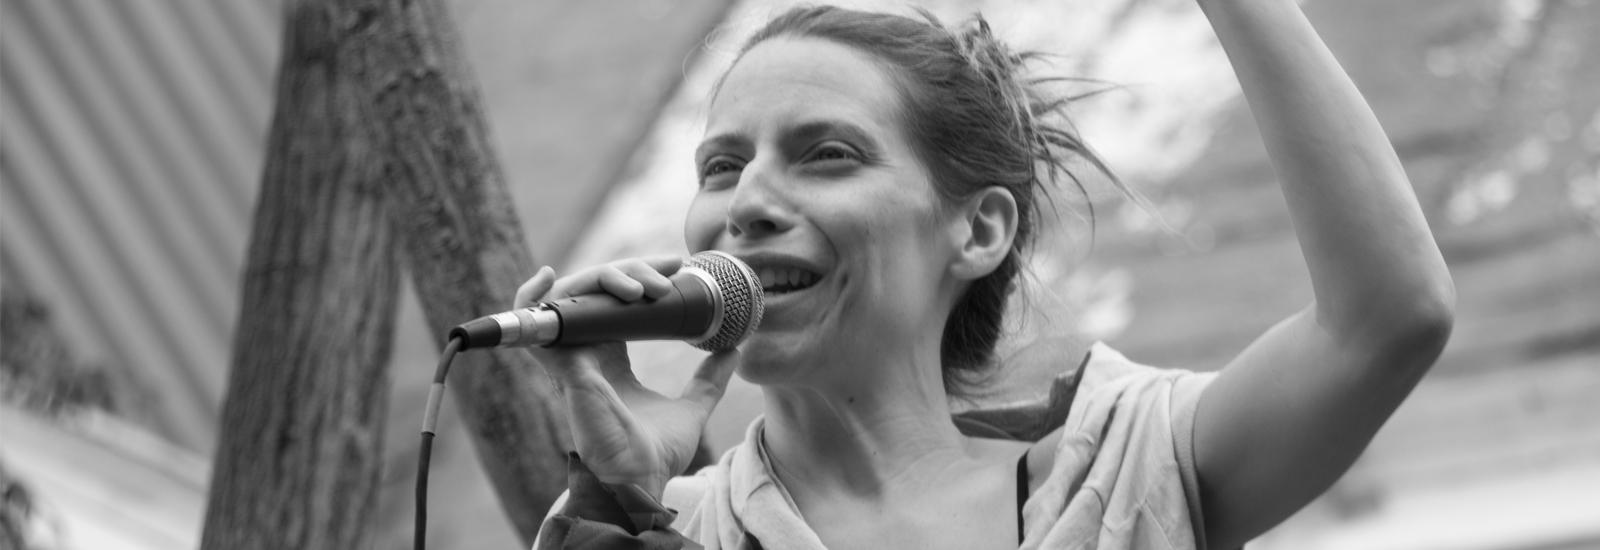 Elena-Roger, Queridas, Día de la No violencia contra las Mujeres